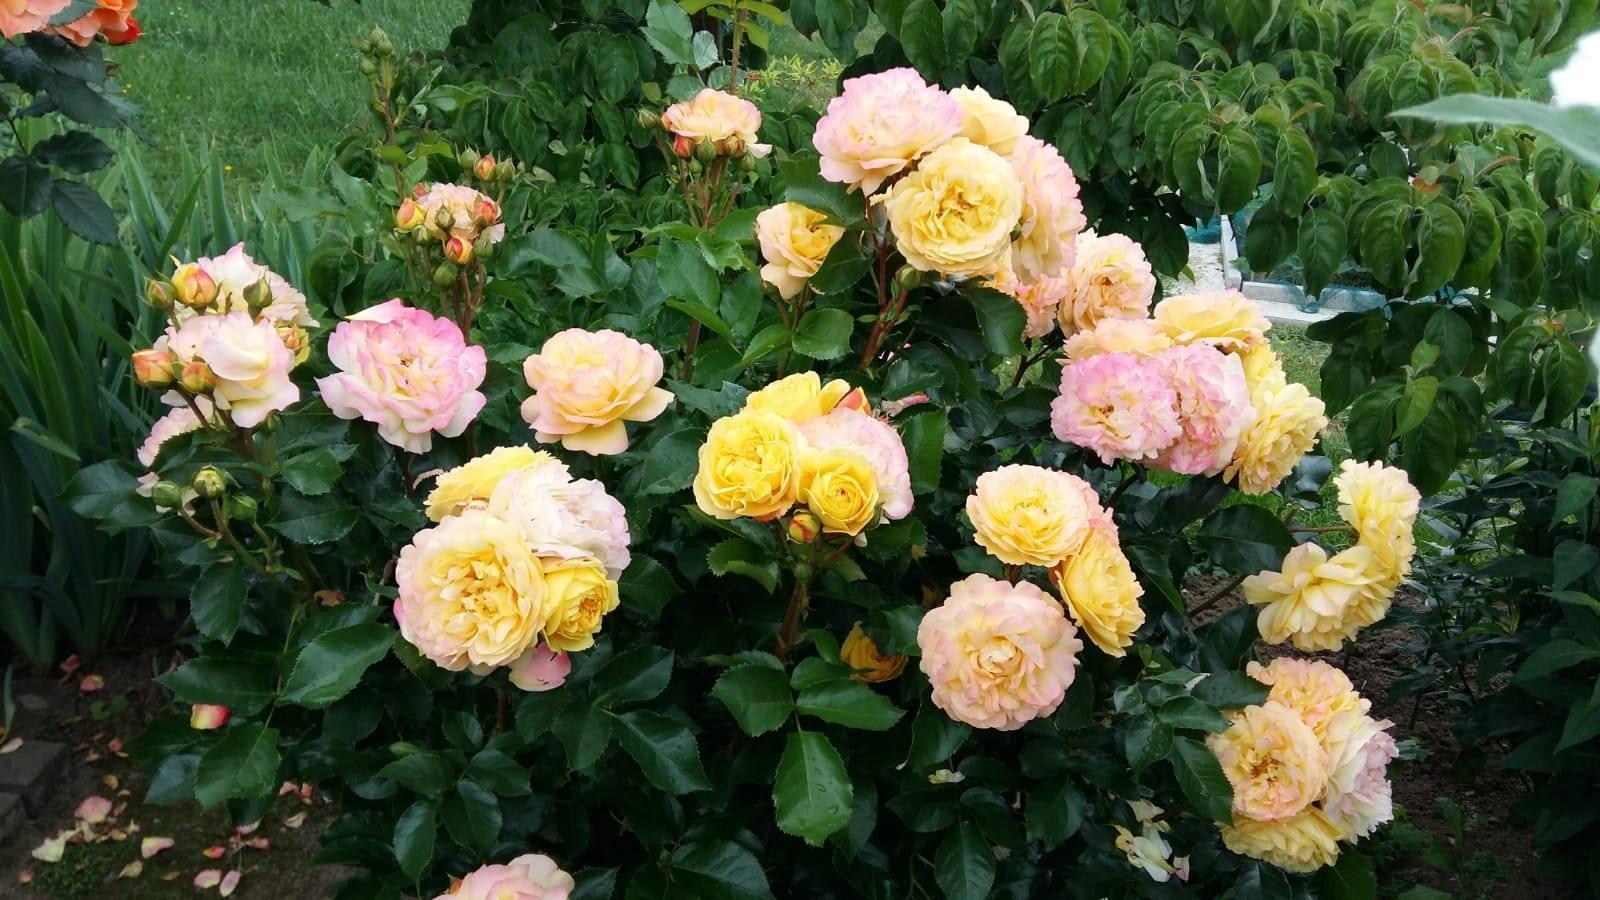 Khu vườn 1000m2 đầy hoa thơm trái ngọt của cặp vợ chồng người Việt ở Đức Ảnh 24